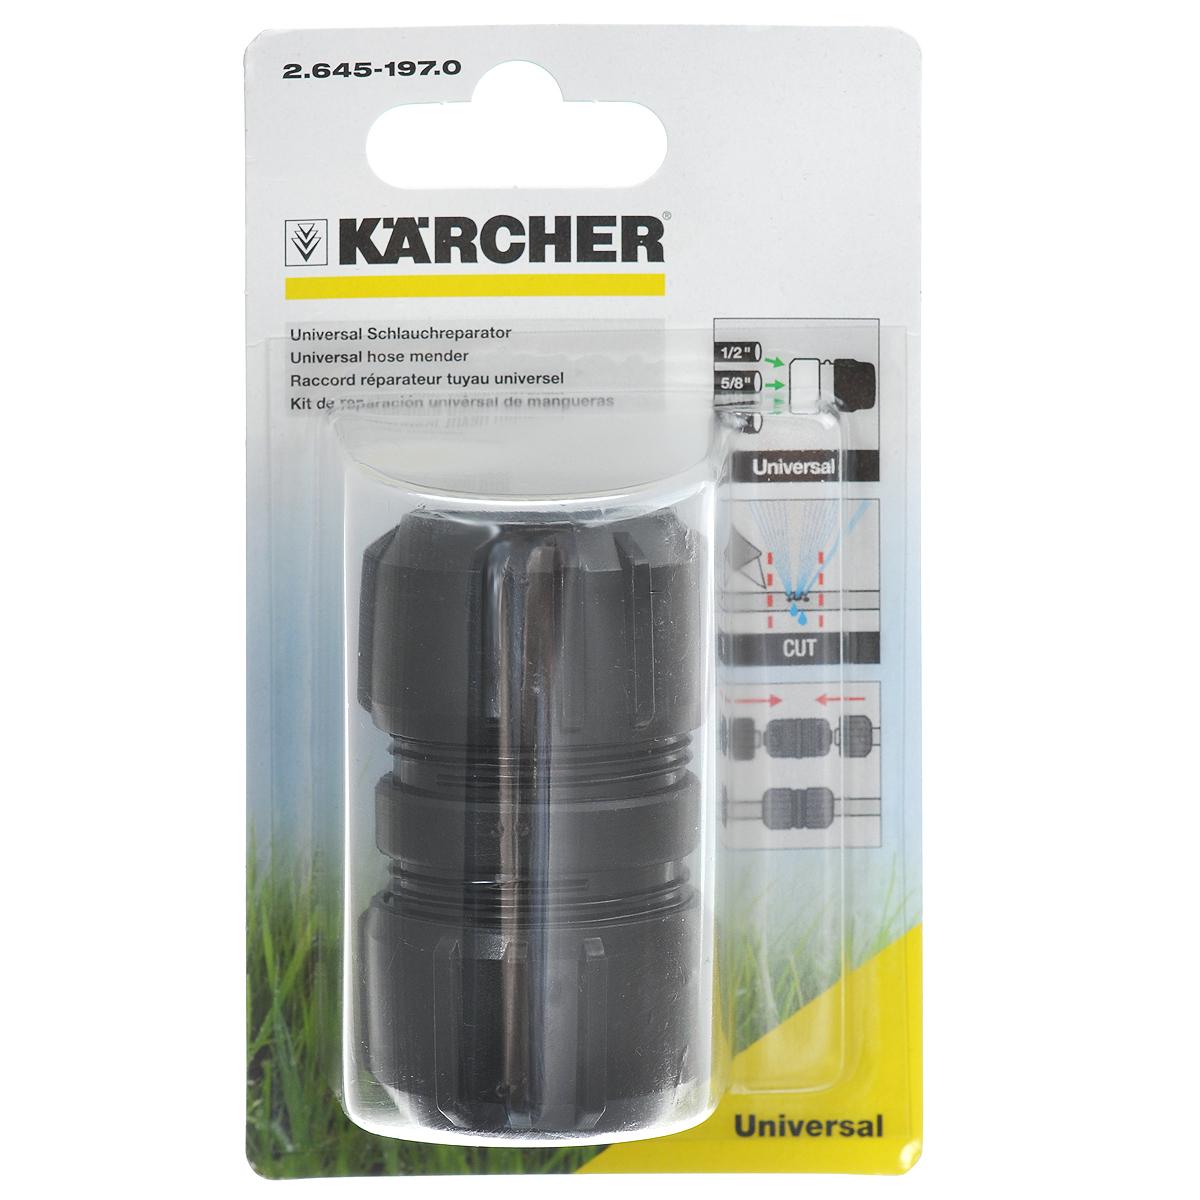 Универсальная ремонтная муфта Karcher 2.645-197.0106-026Универсальная ремонтная муфта предназначена для соединения двух шлангов или ремонта поврежденного шланга.Длина муфты: 7 см.